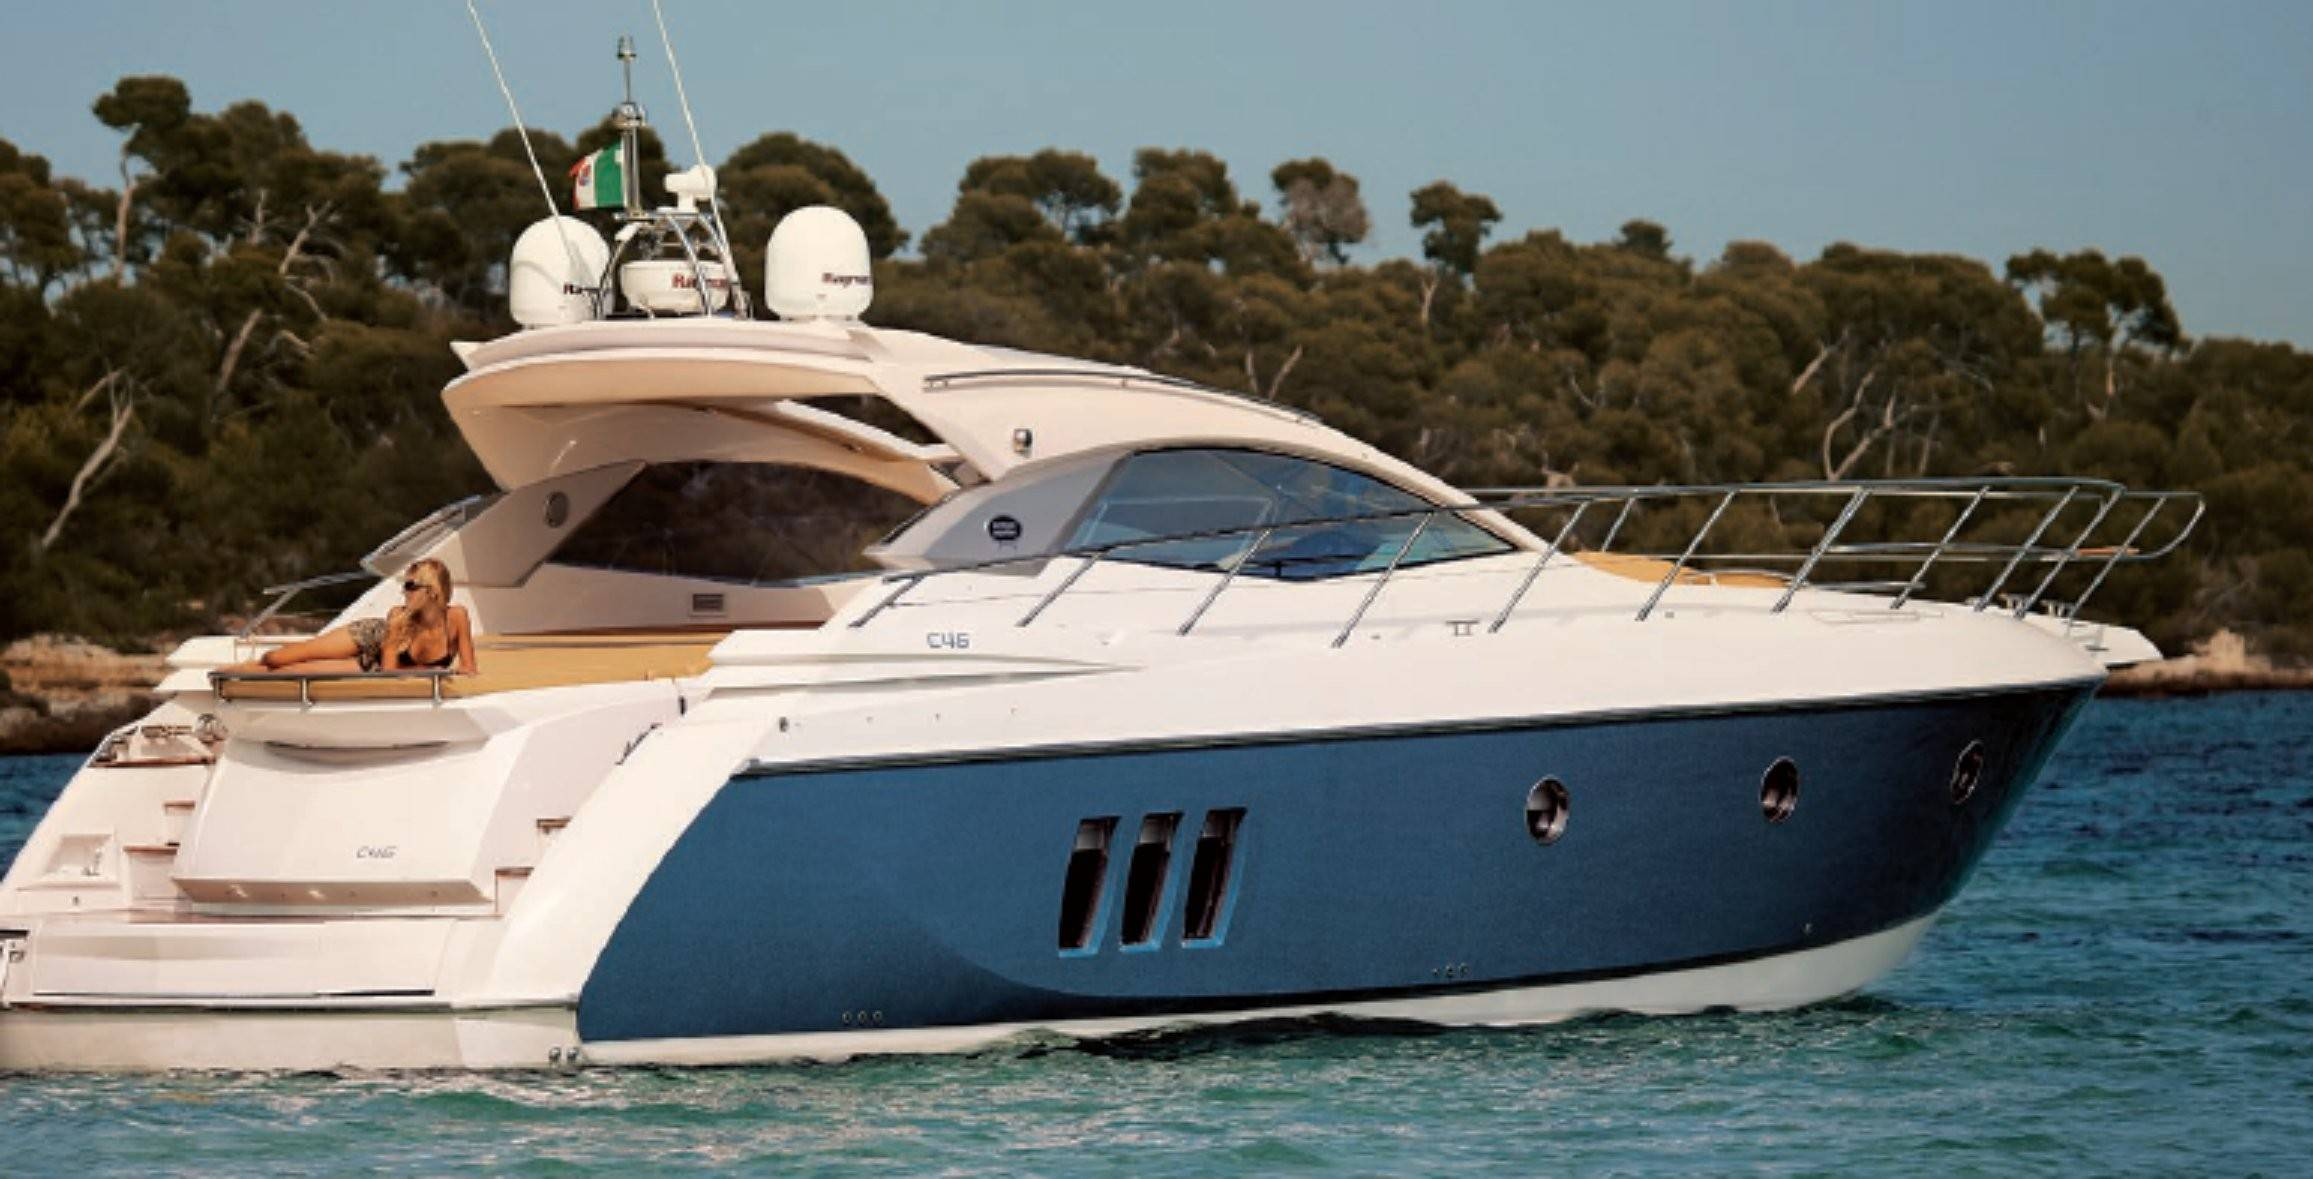 Как просто взять яхту на прокат в солнечной испании